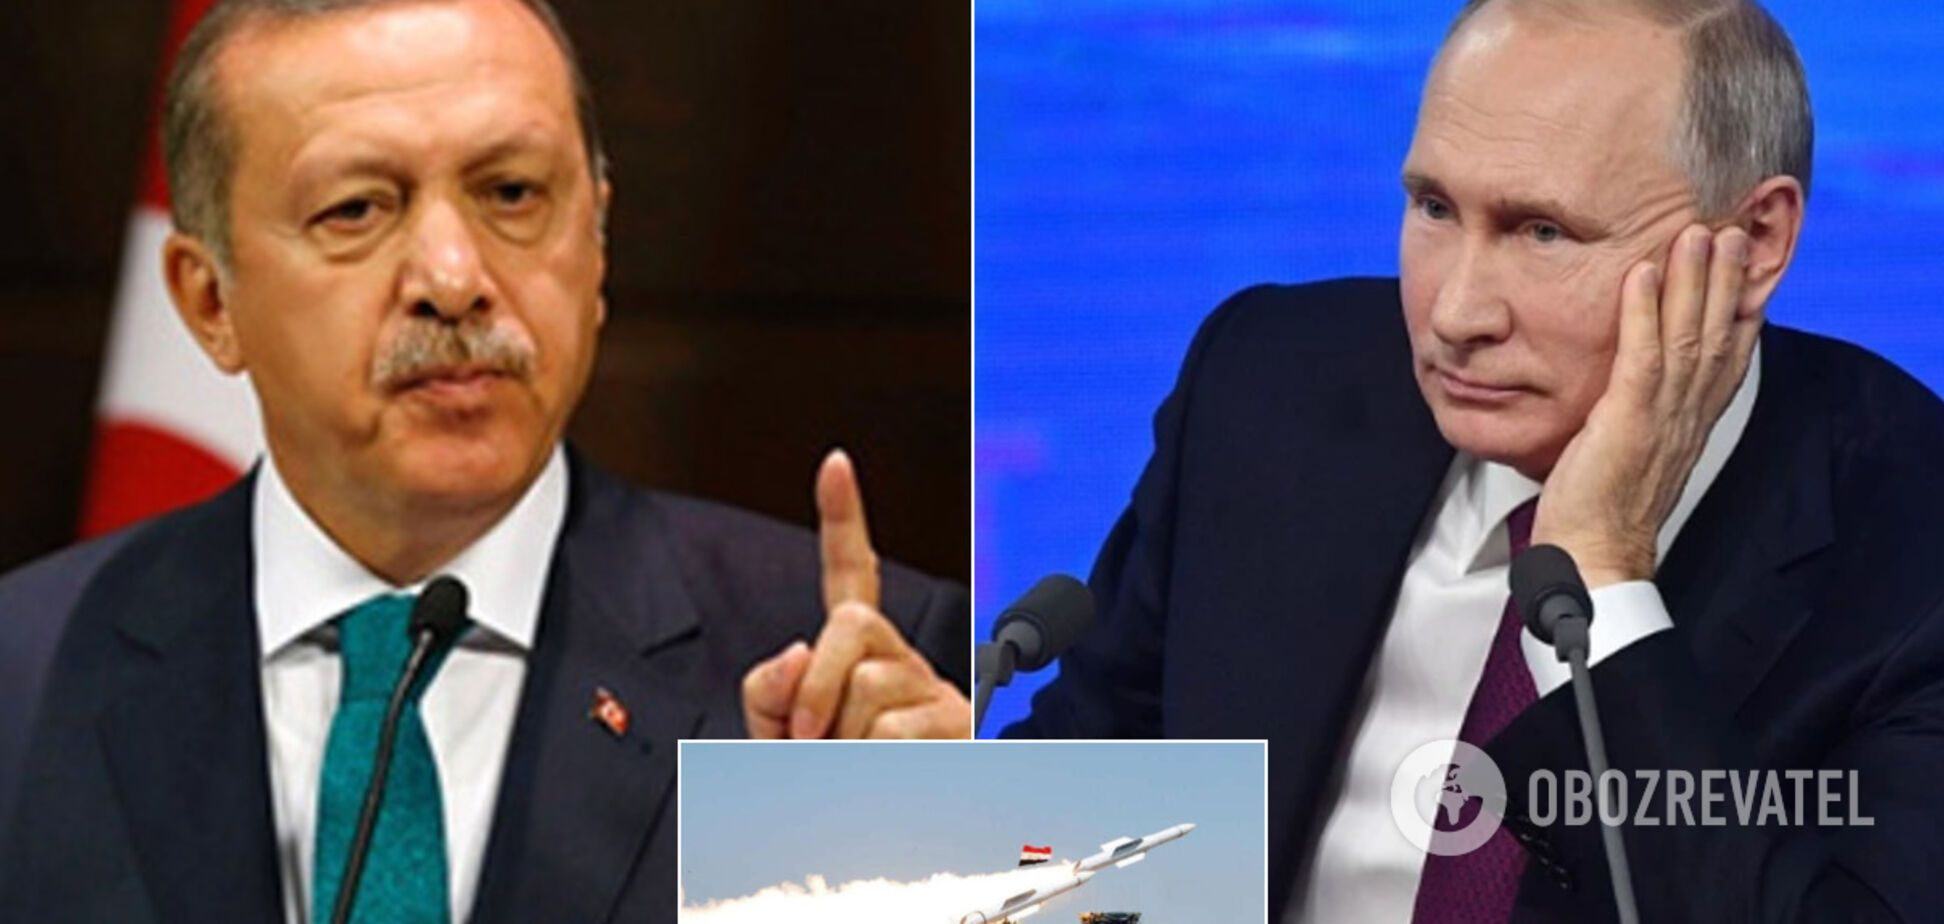 Эрдоган захотел перемирия с Путиным из-за Сирии: в Кремле ответили